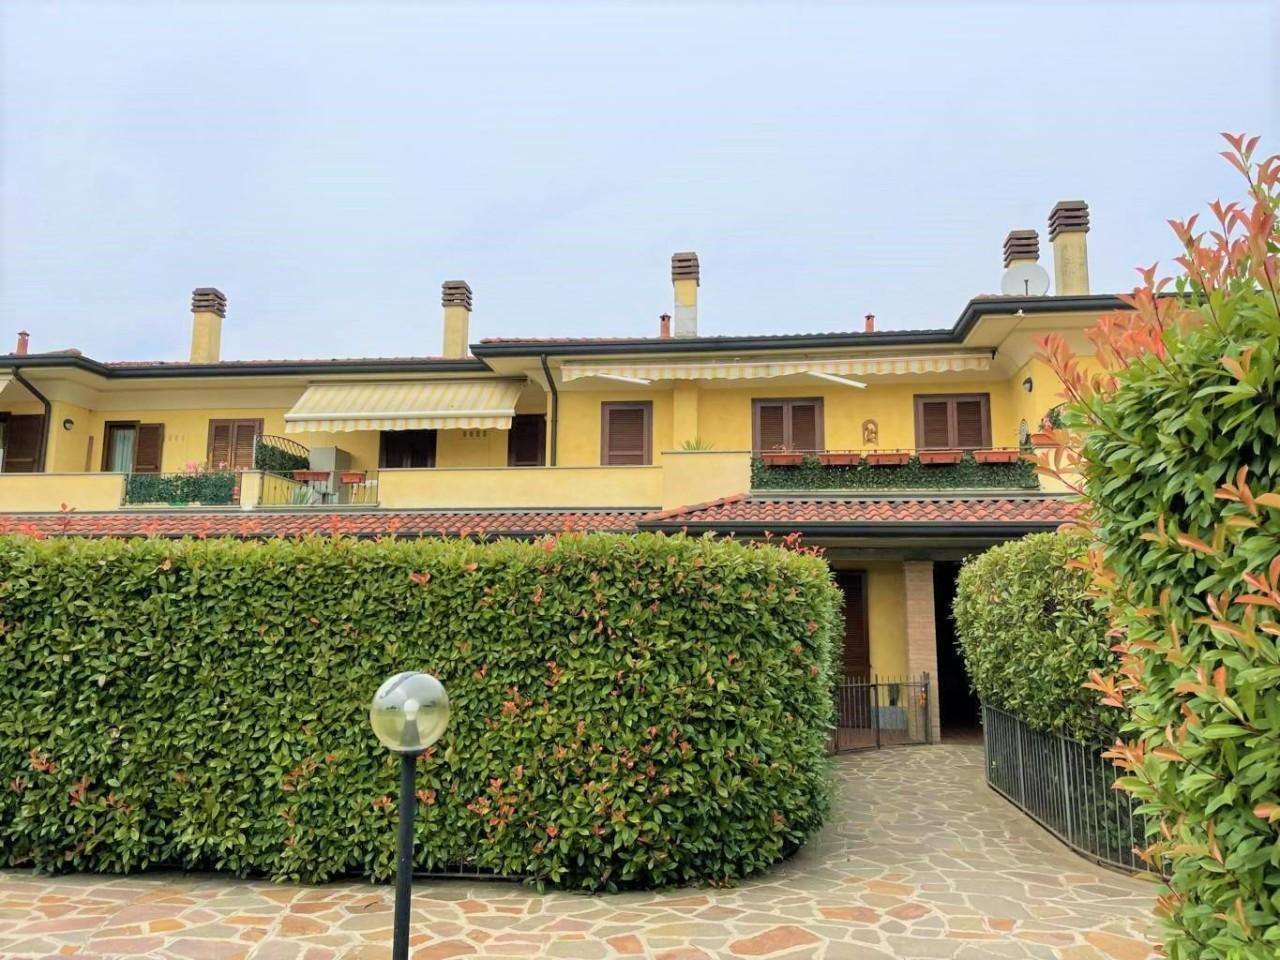 Appartamento in vendita a Chiari, 4 locali, prezzo € 135.000 | CambioCasa.it